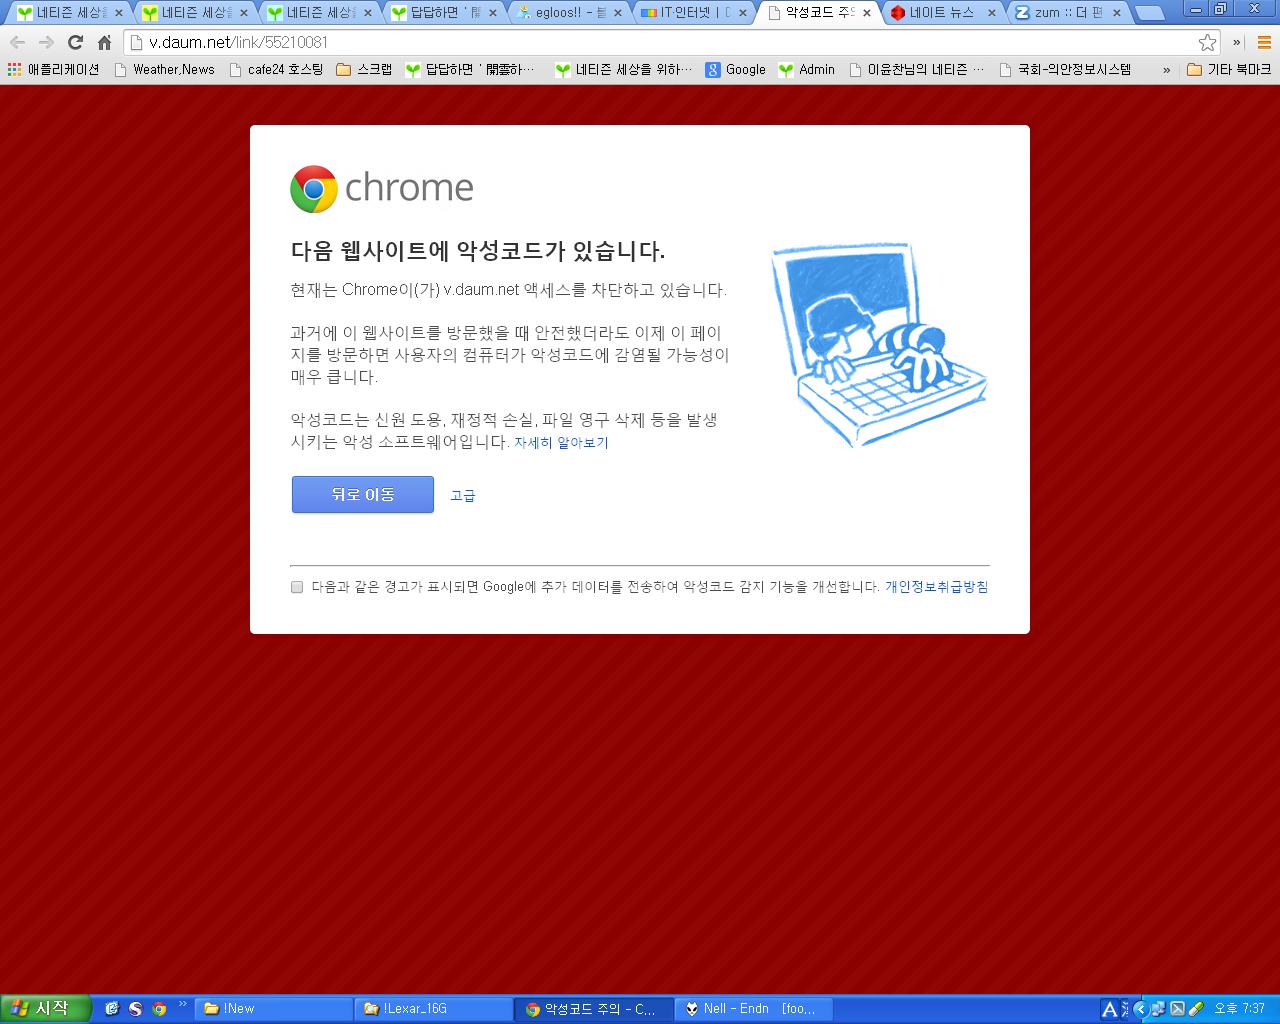 v.daum.net 현재 여는 페이지 마다 악성코드 ..